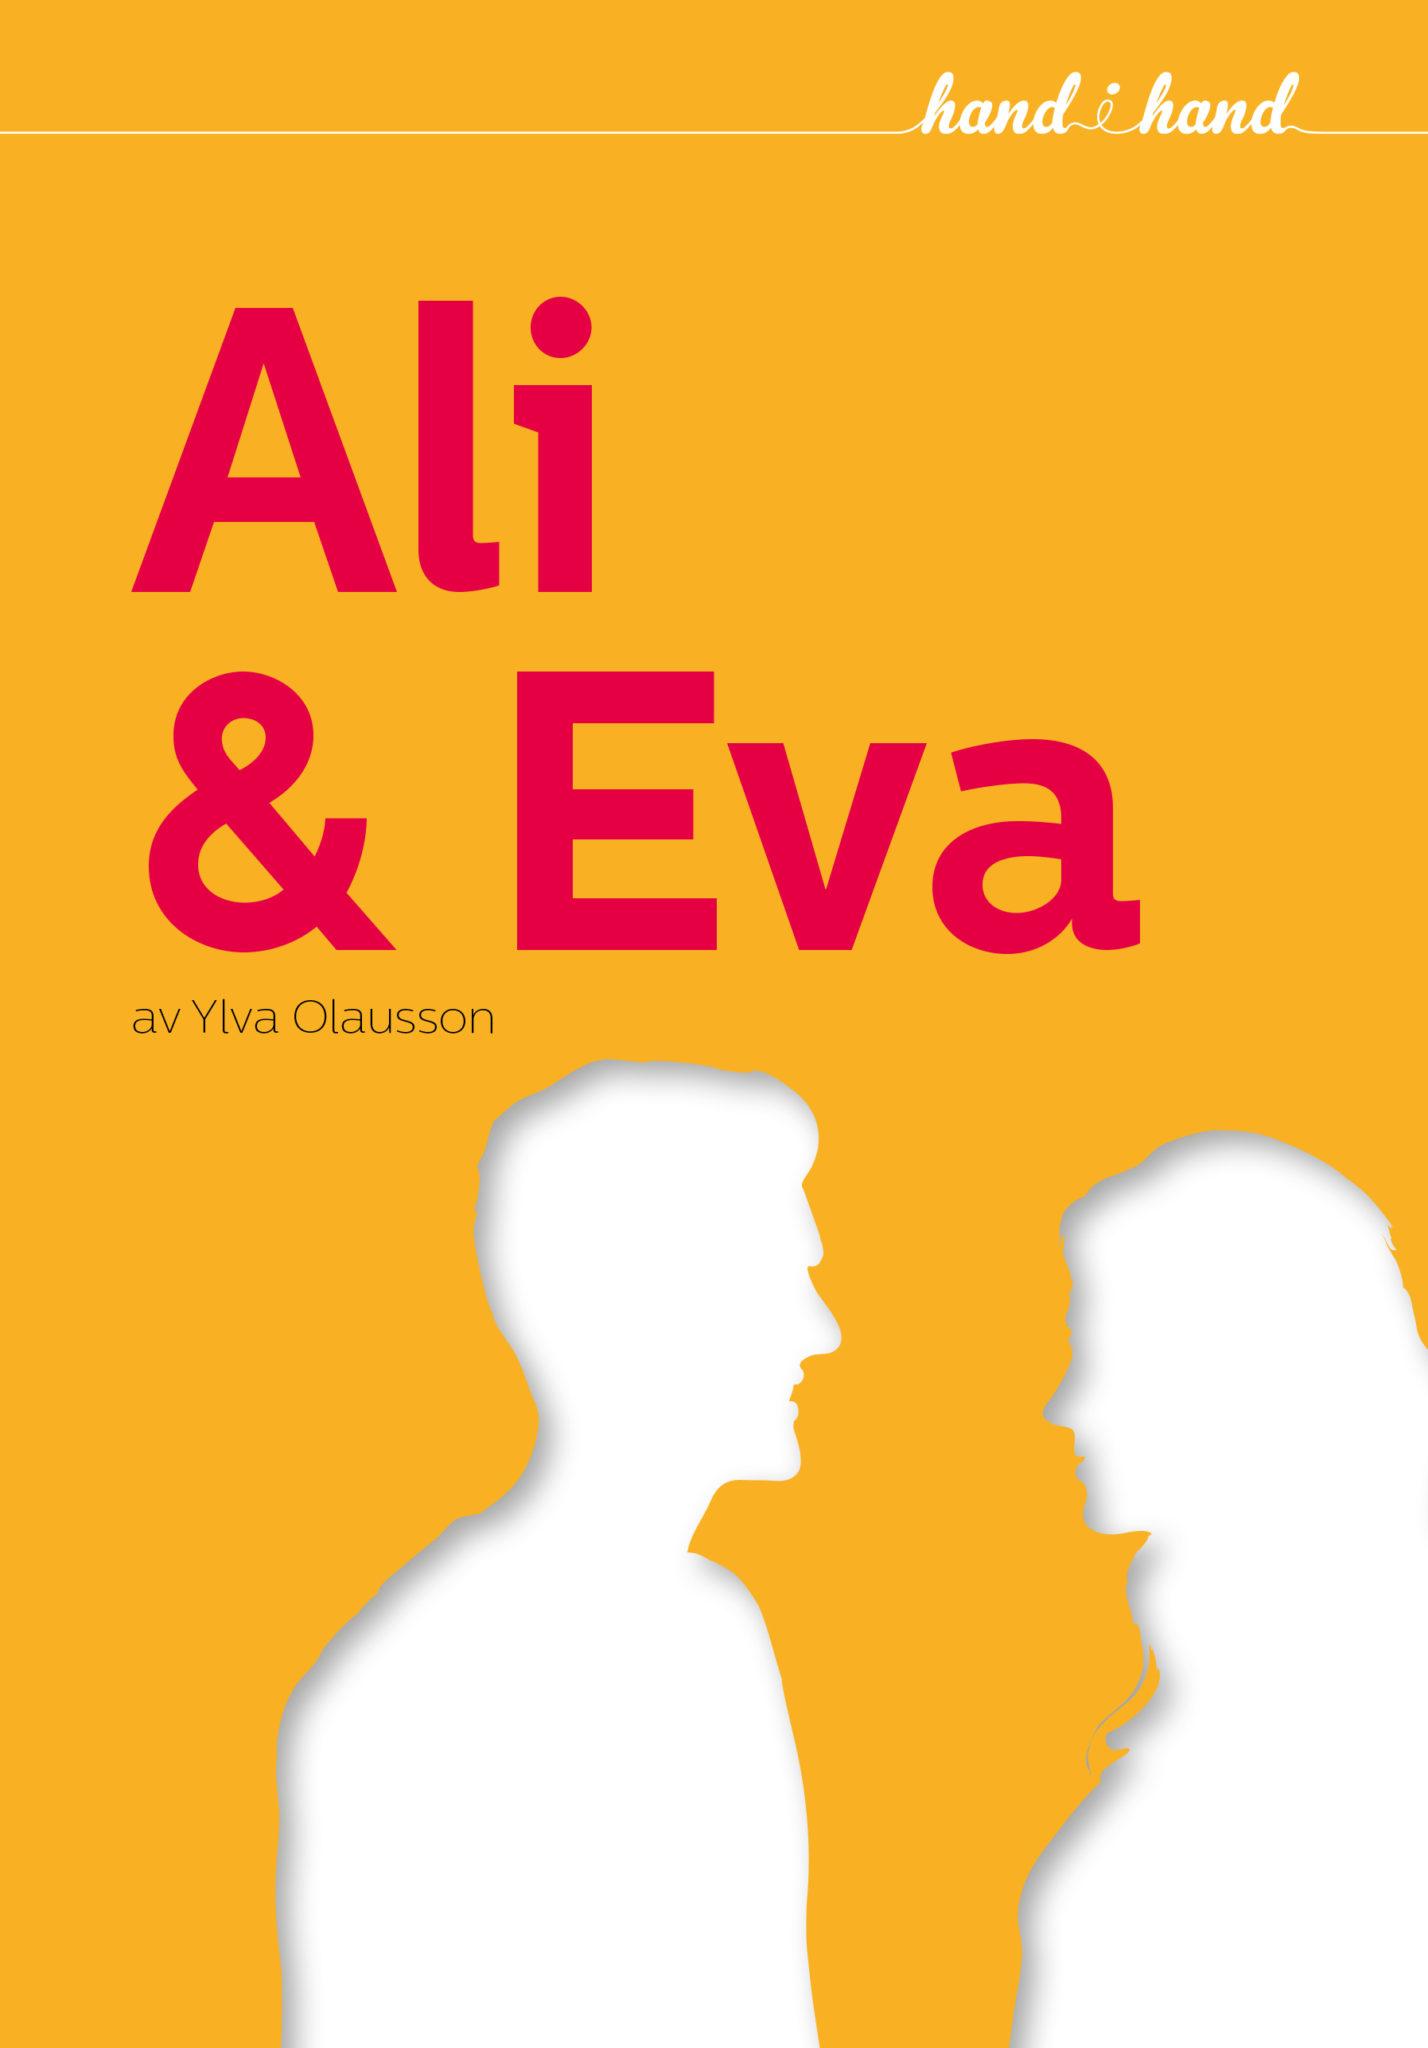 Ali och Eva av Ylva Olausson